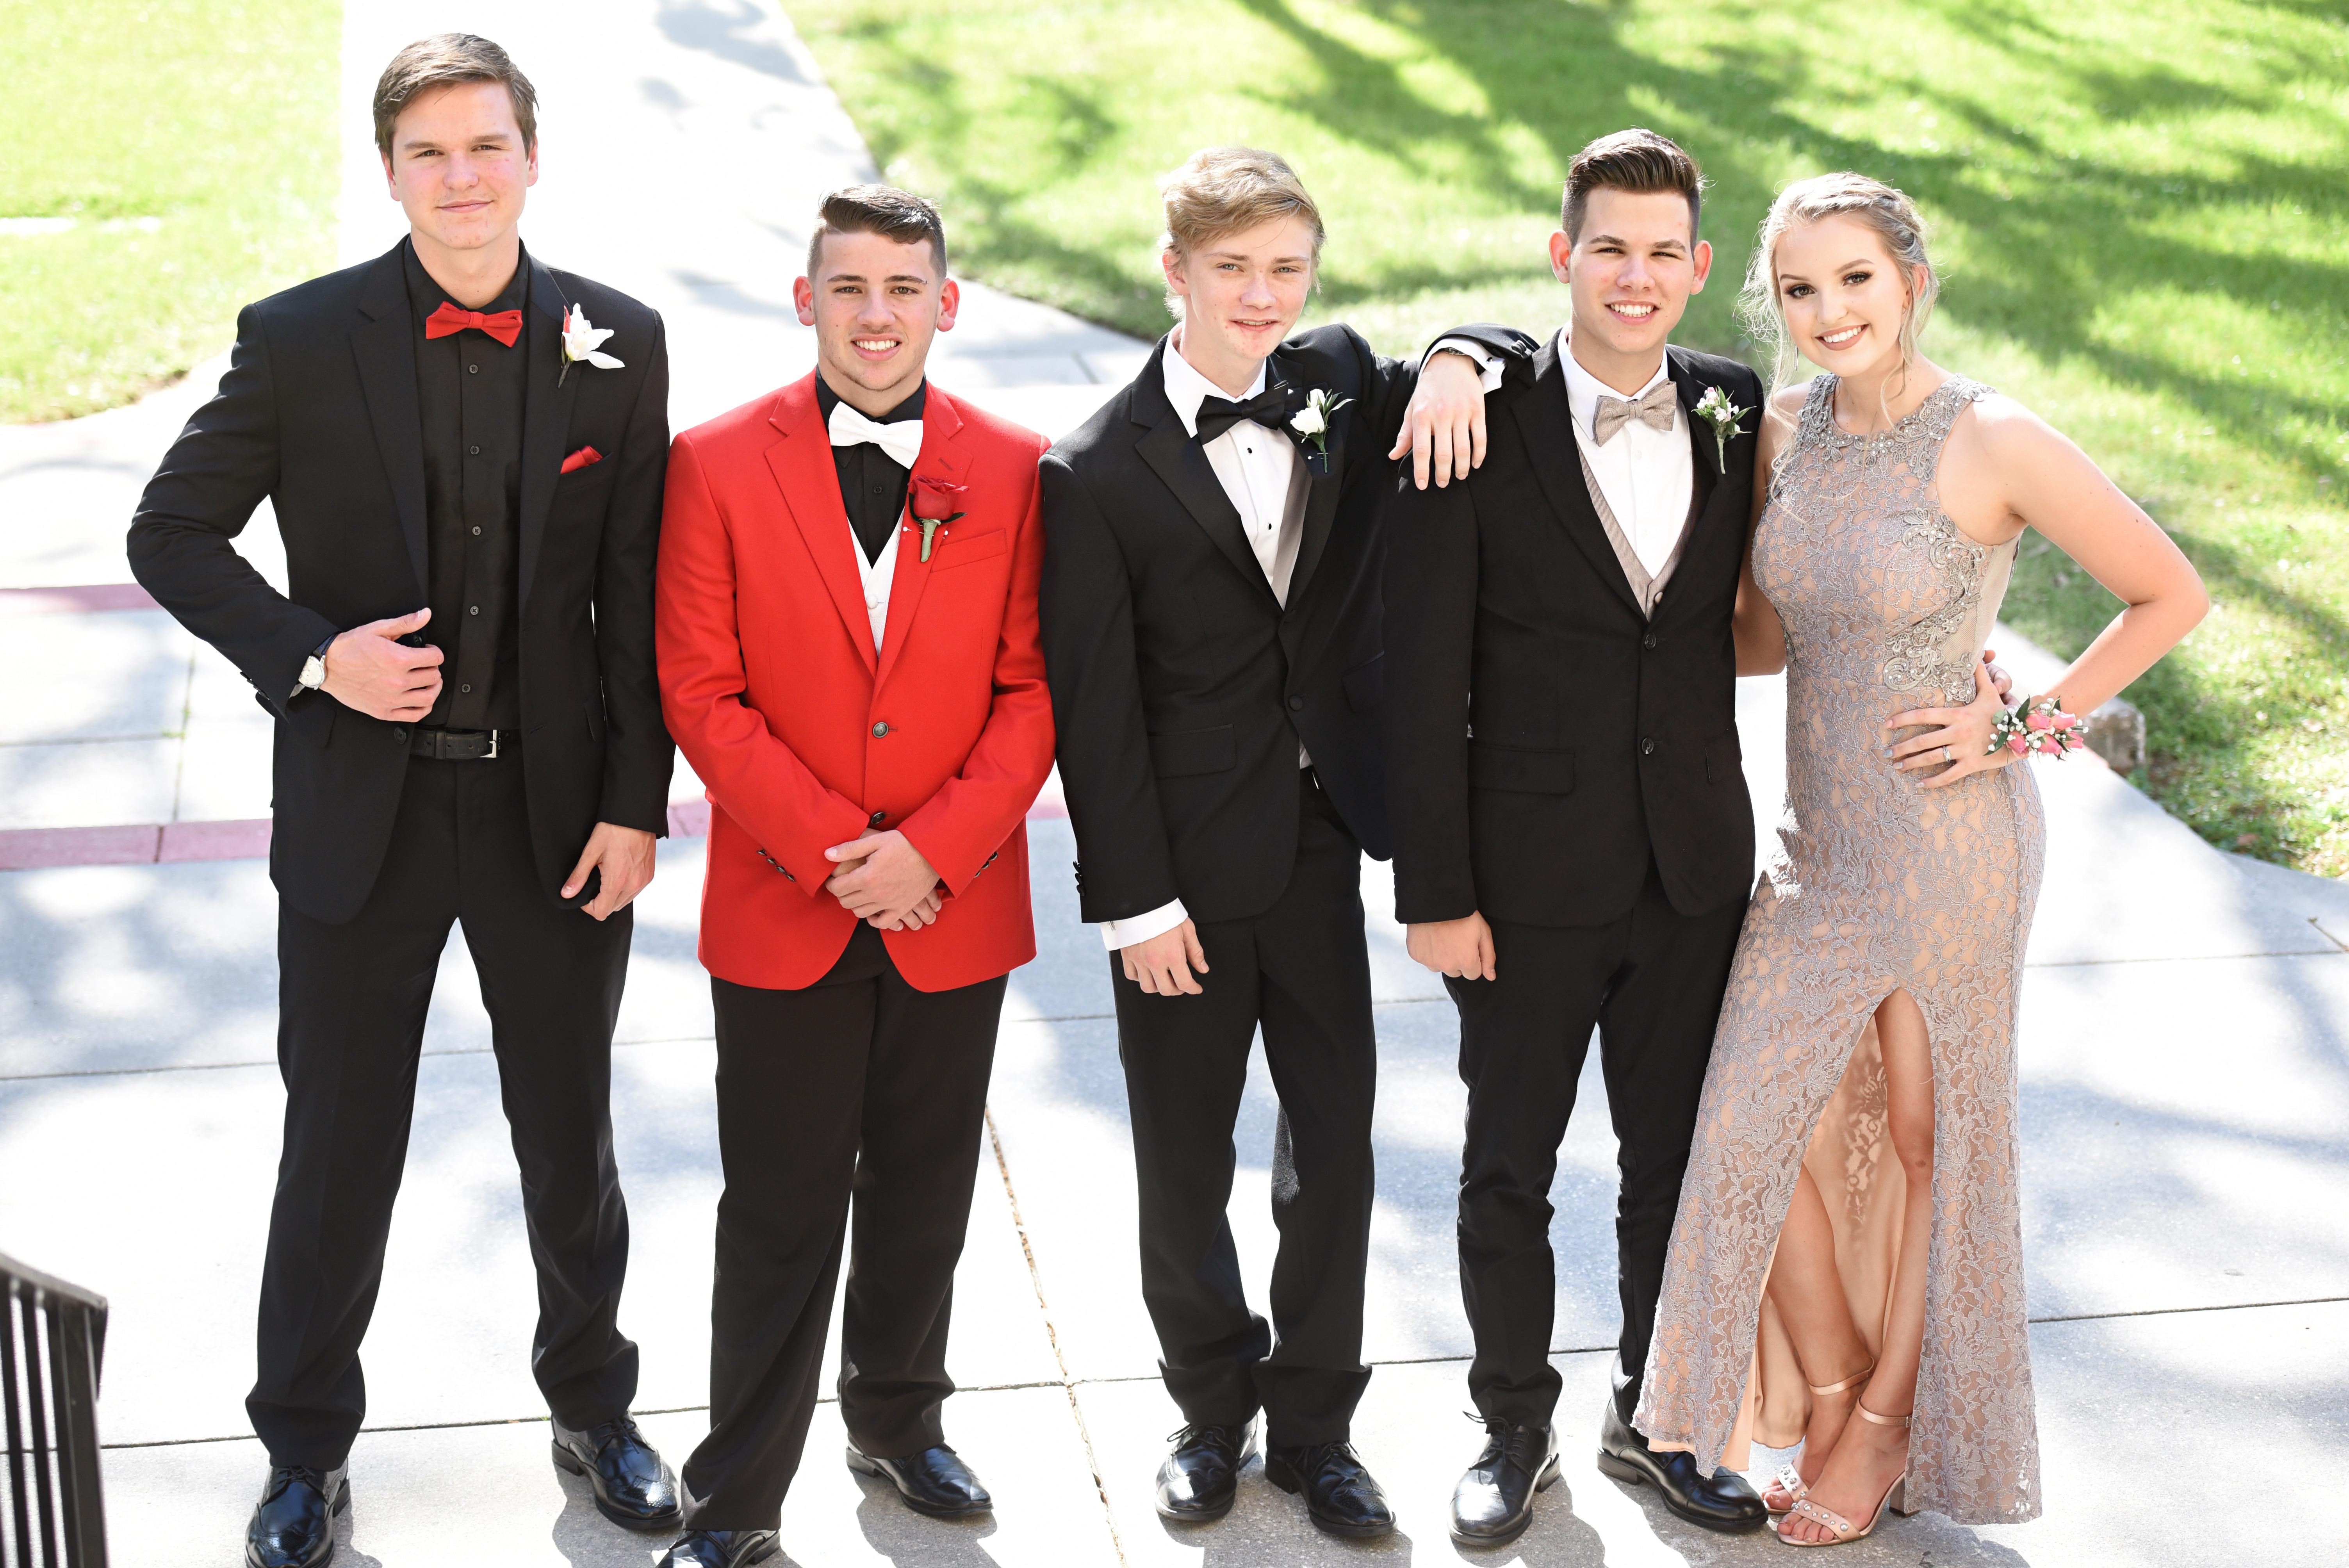 Seniors & Prom